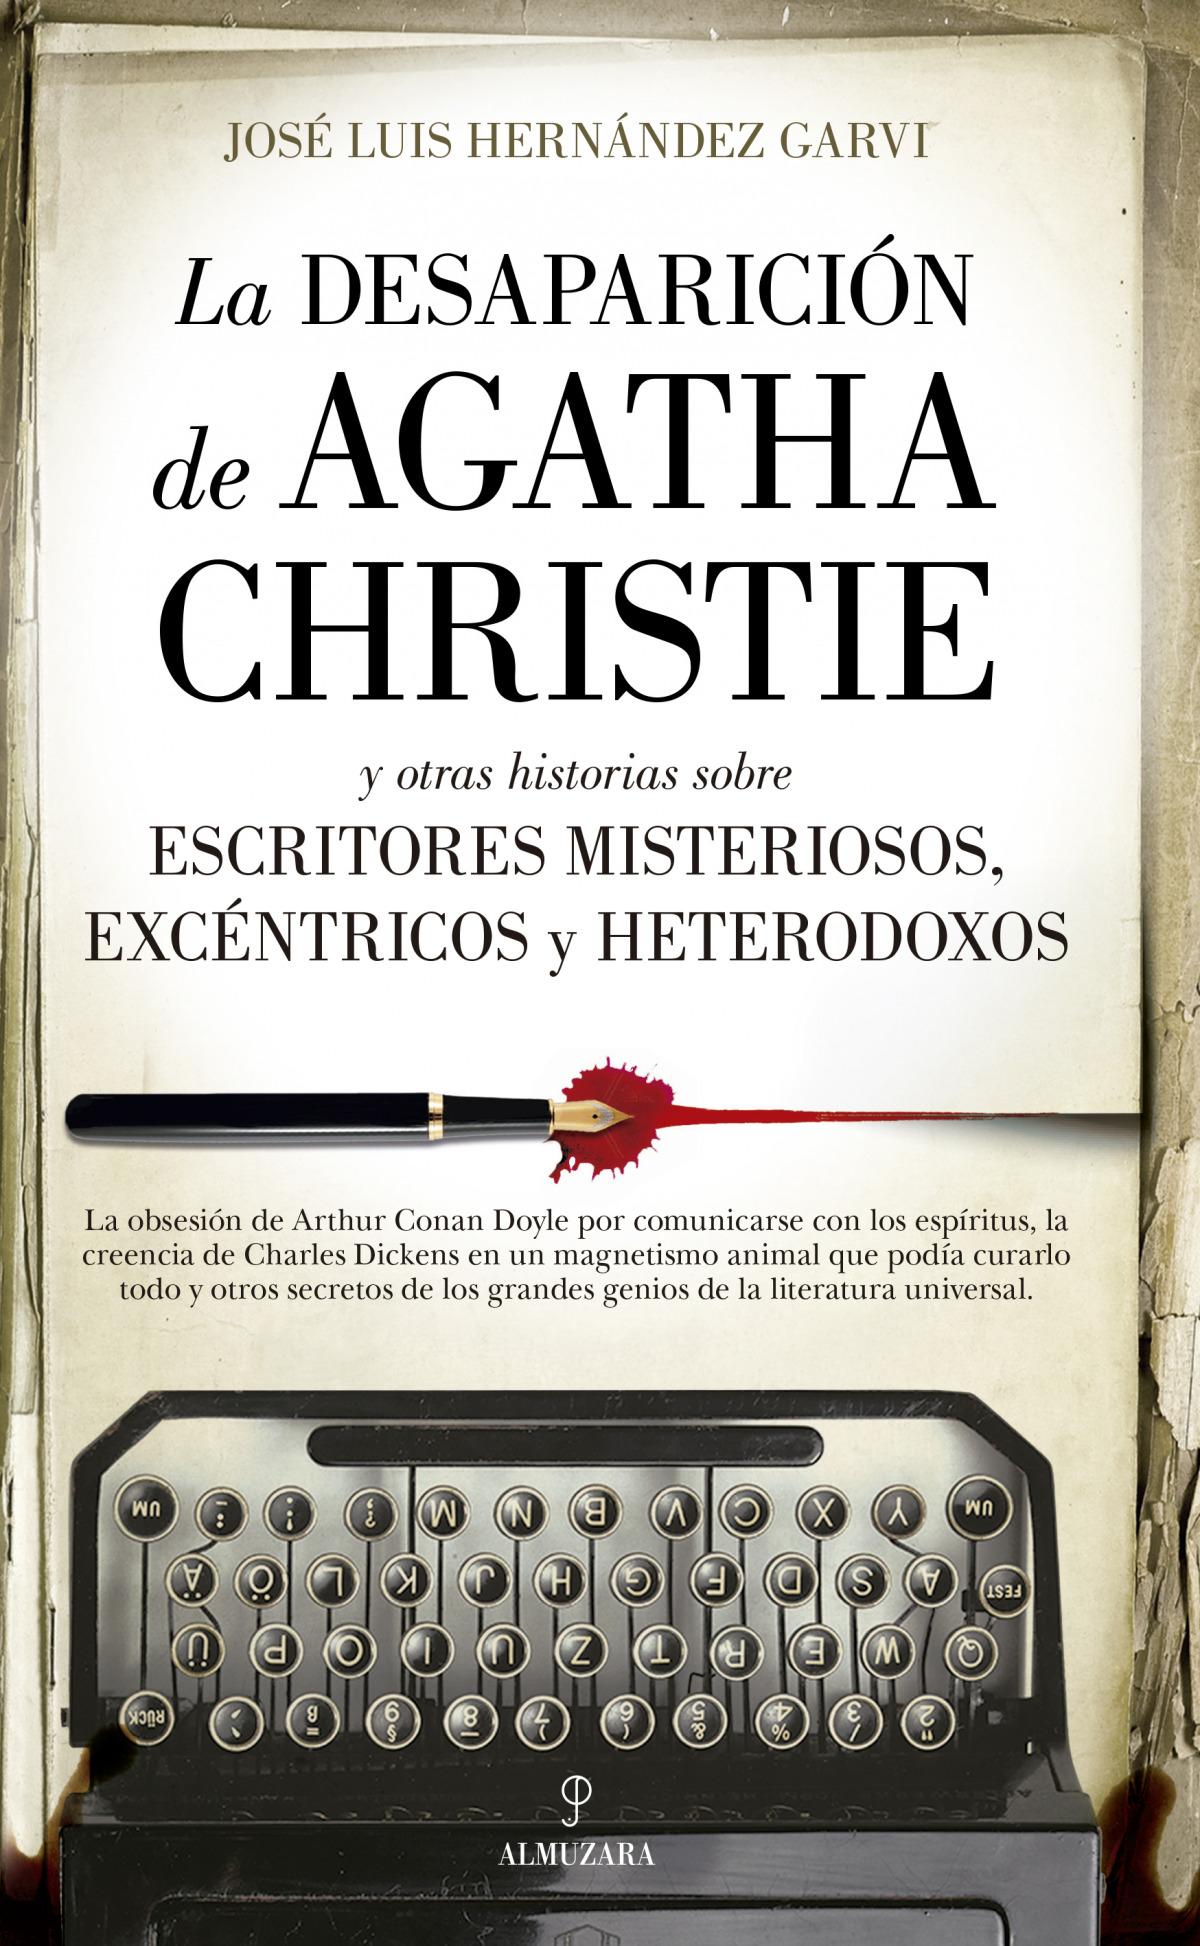 DESAPARICION DE AGATHA CHRISTIE, LA 9788418346552